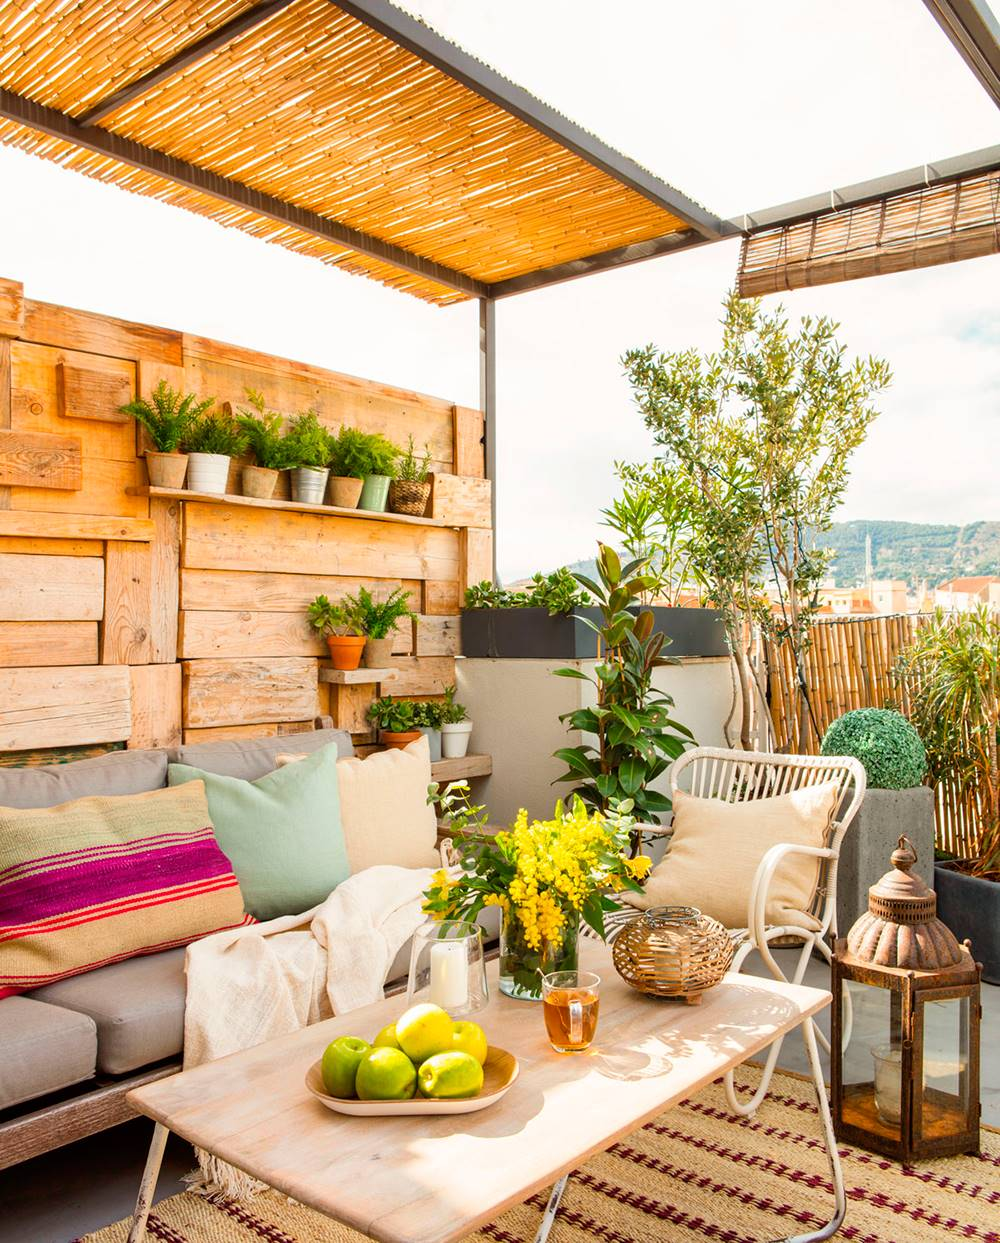 Copia-el-look-terrazas-480668. Después: una terraza muy acogedora y recogida